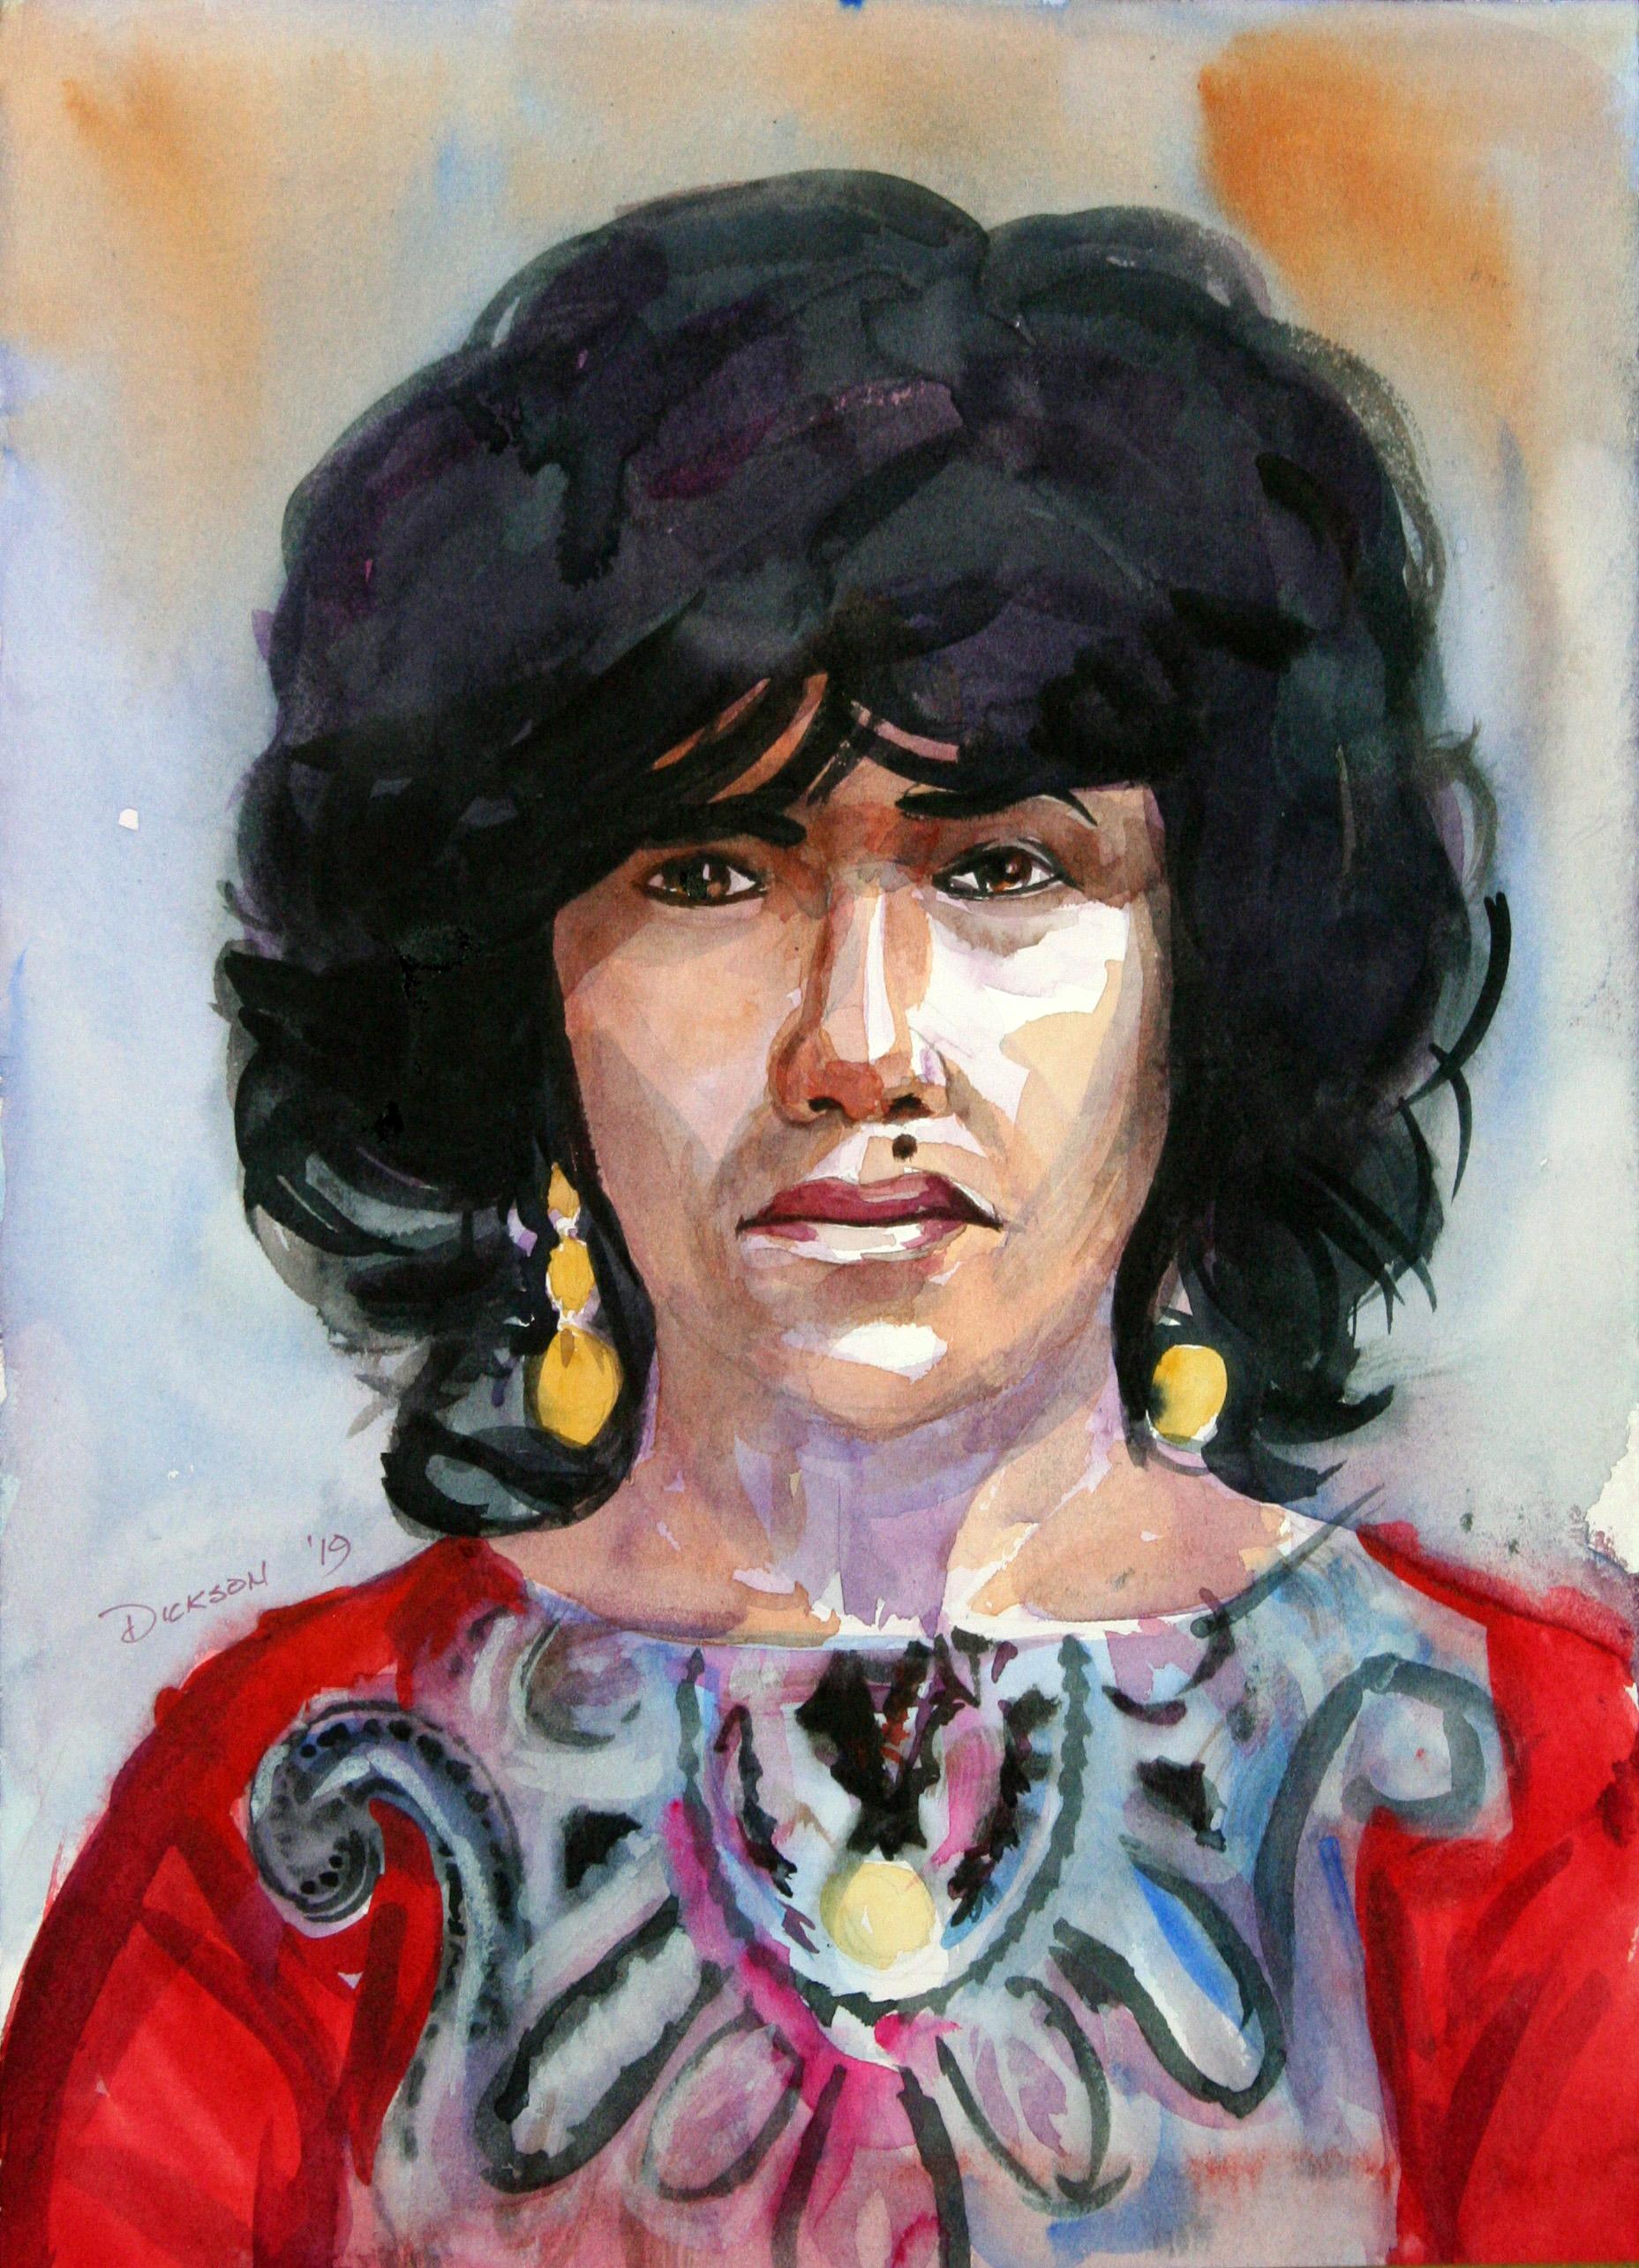 Duane Dickson - Watercolor